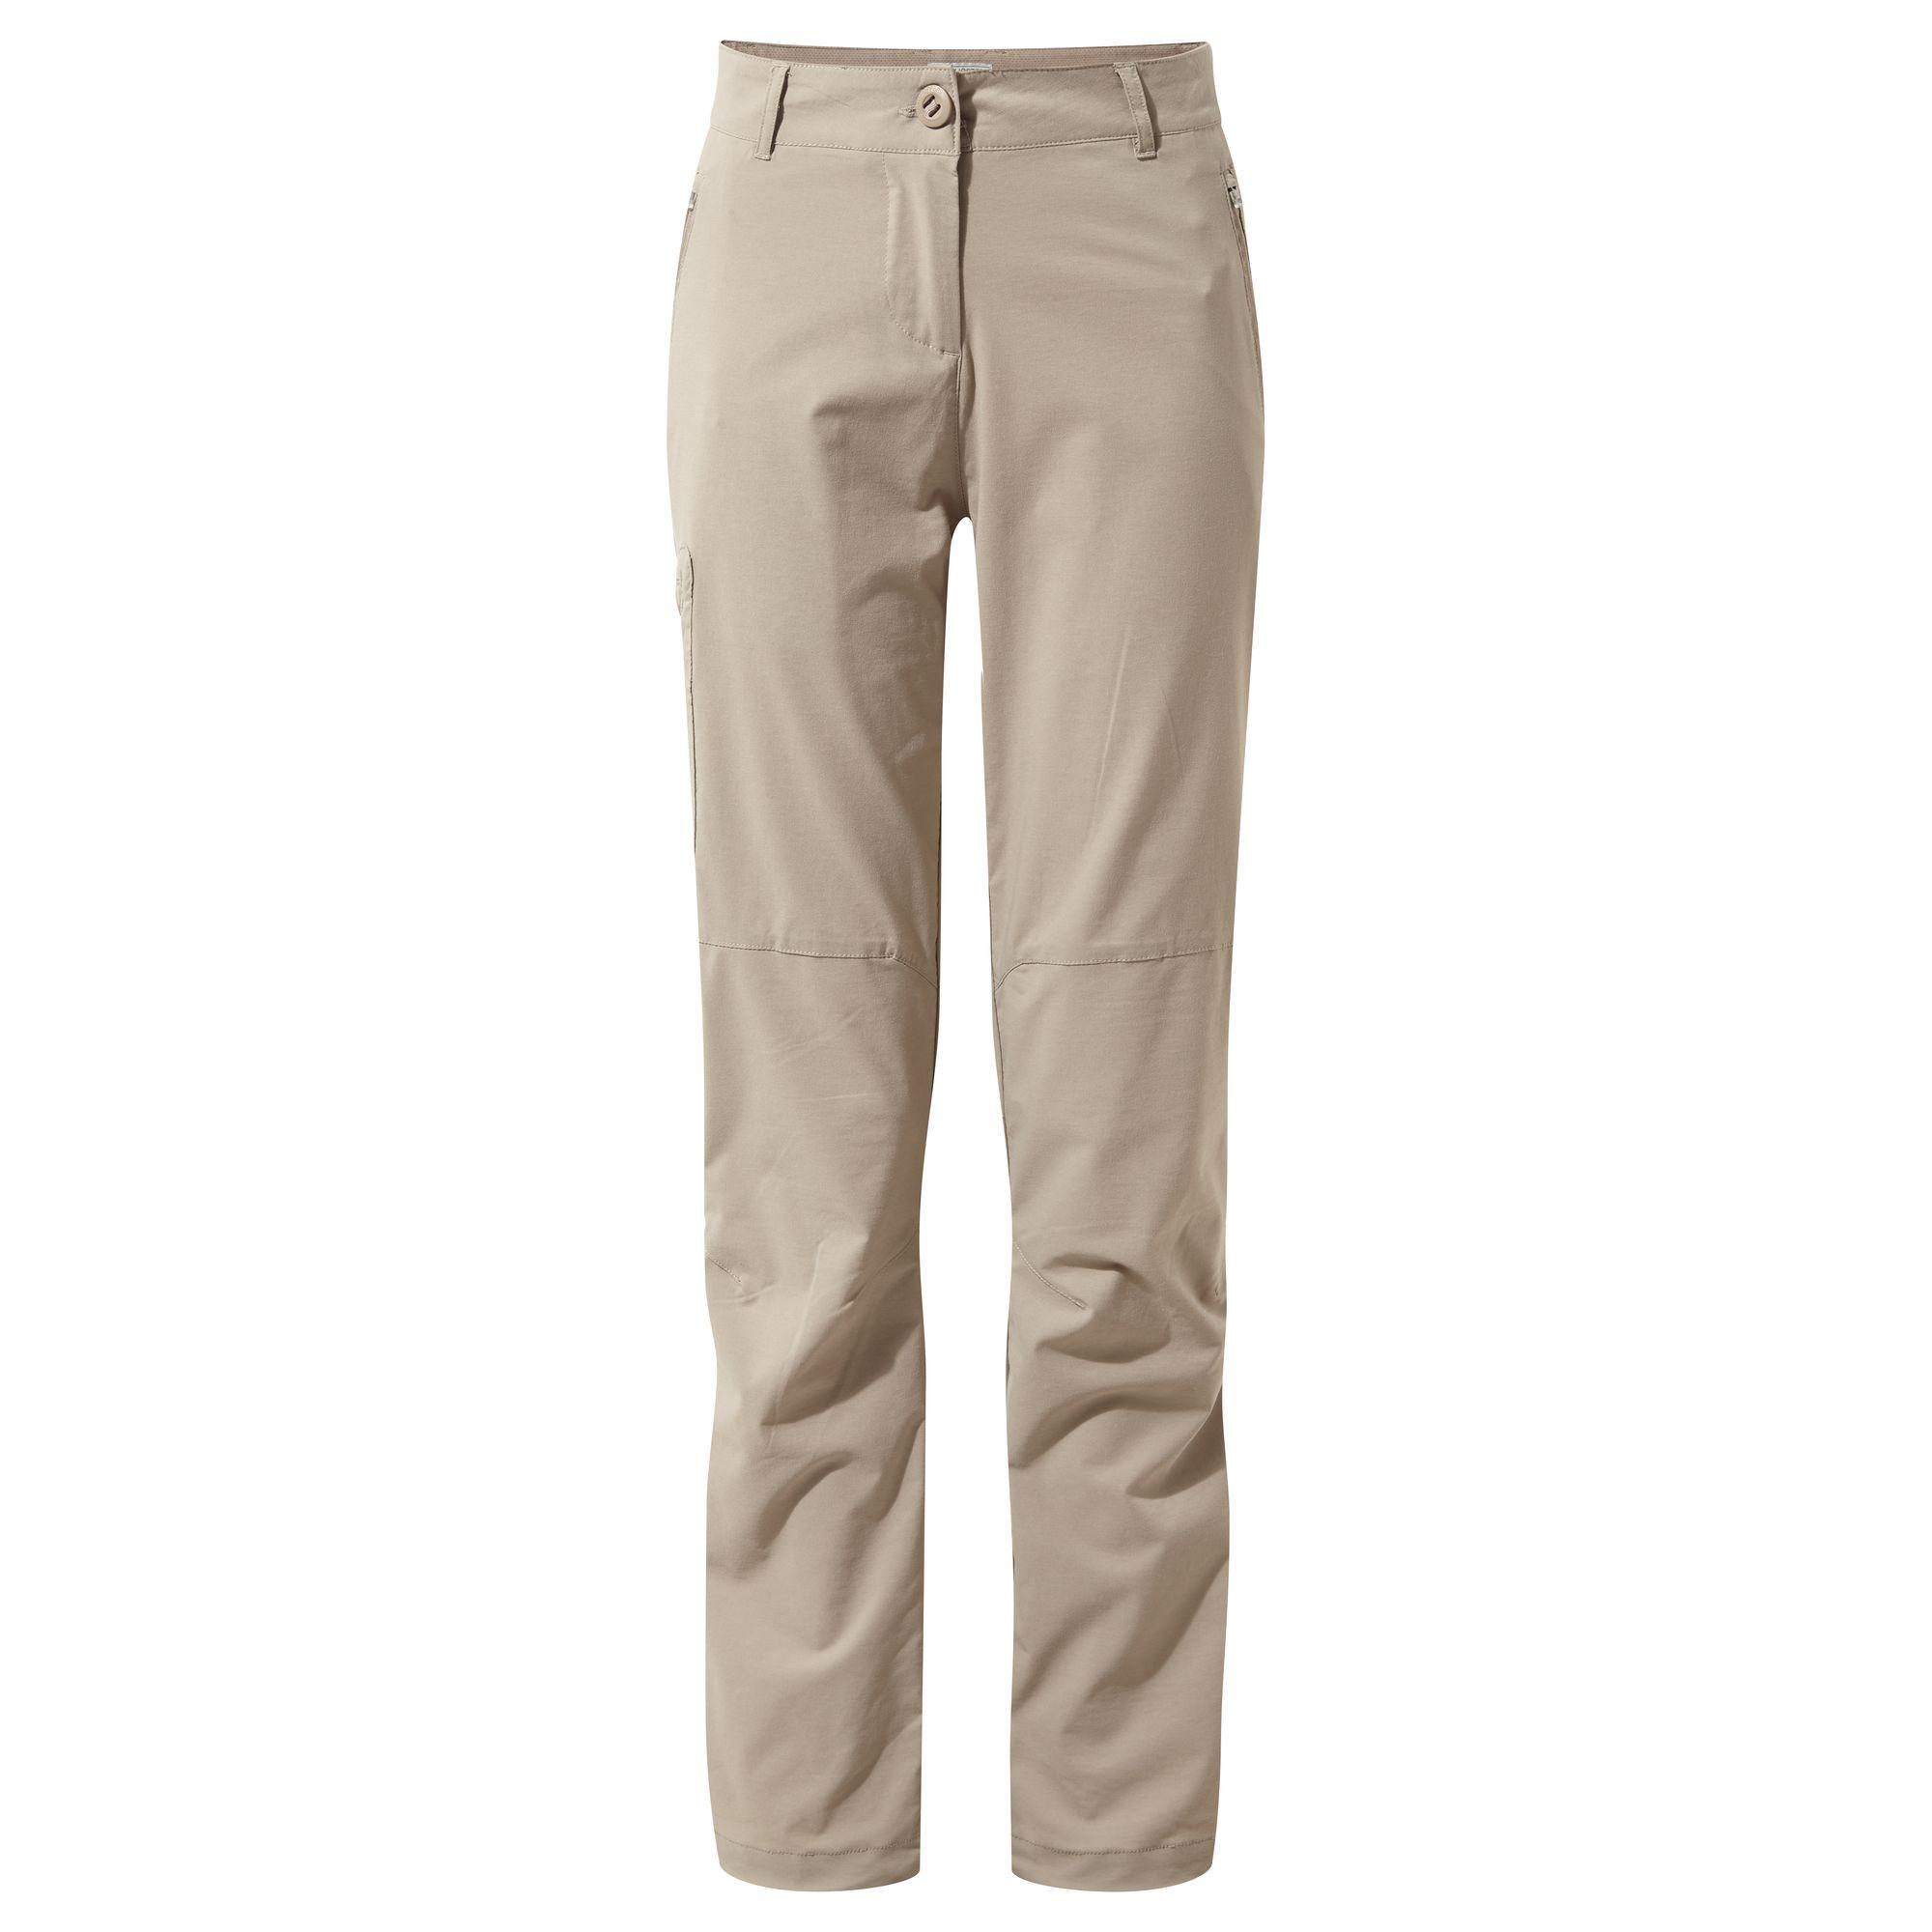 Craghoppers Outdoorhose Damen Hose NosiLife Pro II | Bekleidung > Hosen > Outdoorhosen | Beige | Craghoppers